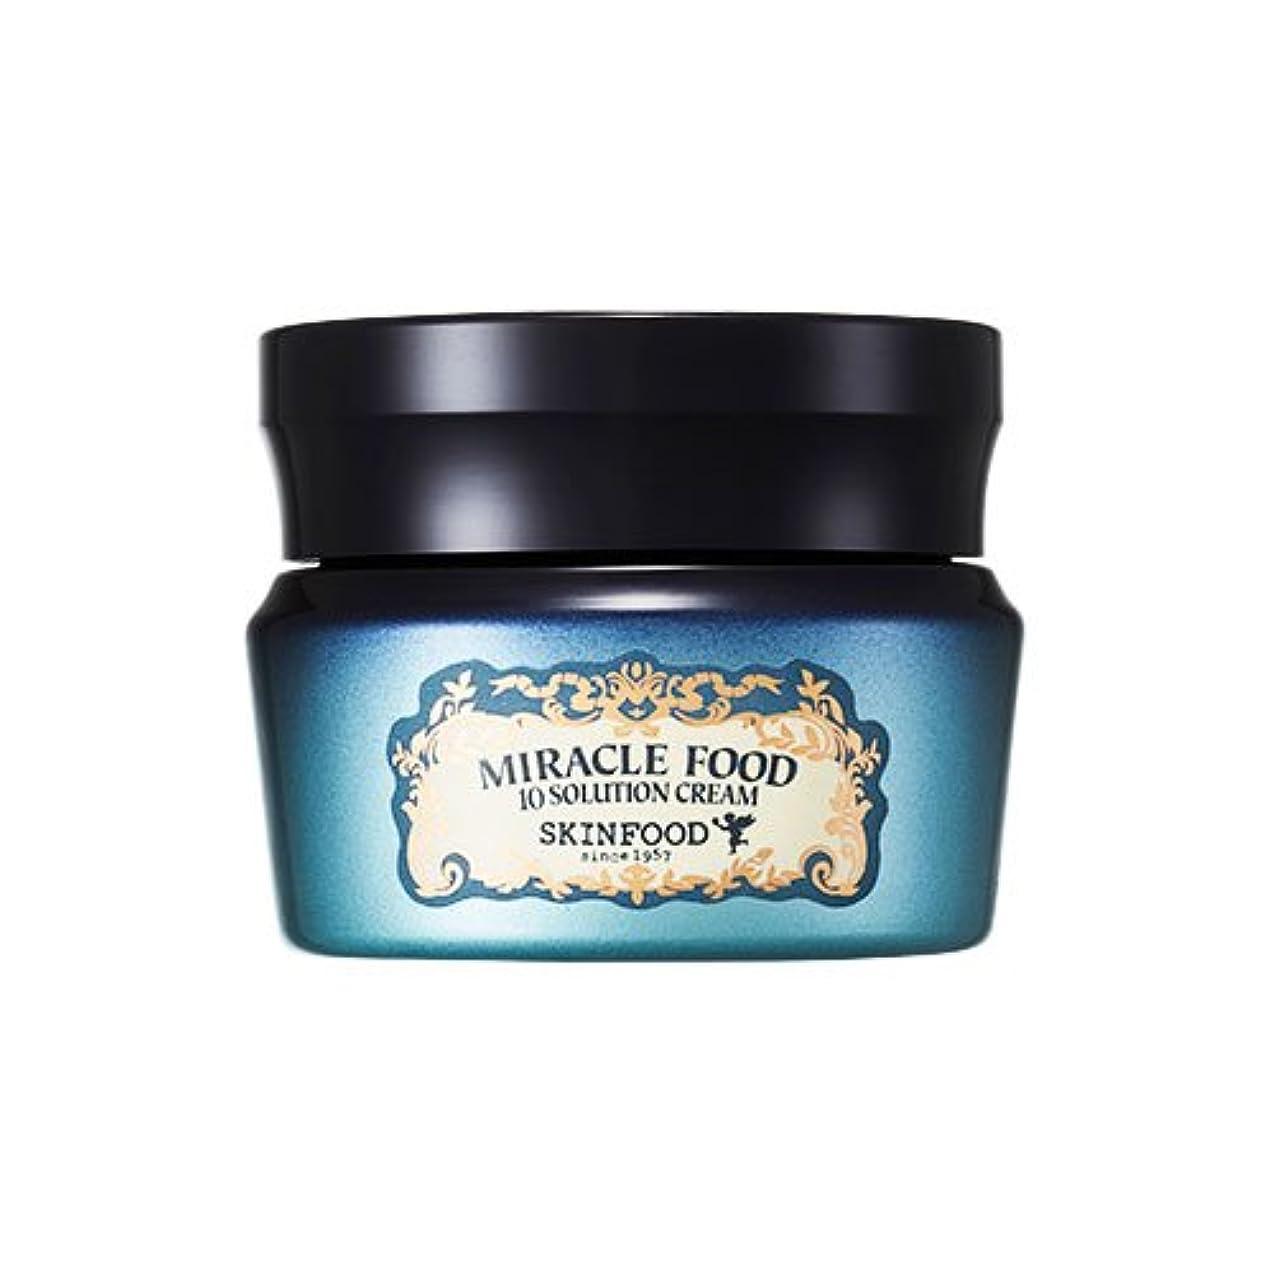 前書き石灰岩半円Skinfood ミラクルフード10ソリューションクリーム(美白効果としわ防止効果) / Miracle Food 10 Solution Cream (Skin-Brightening and Anti-Wrinkle...